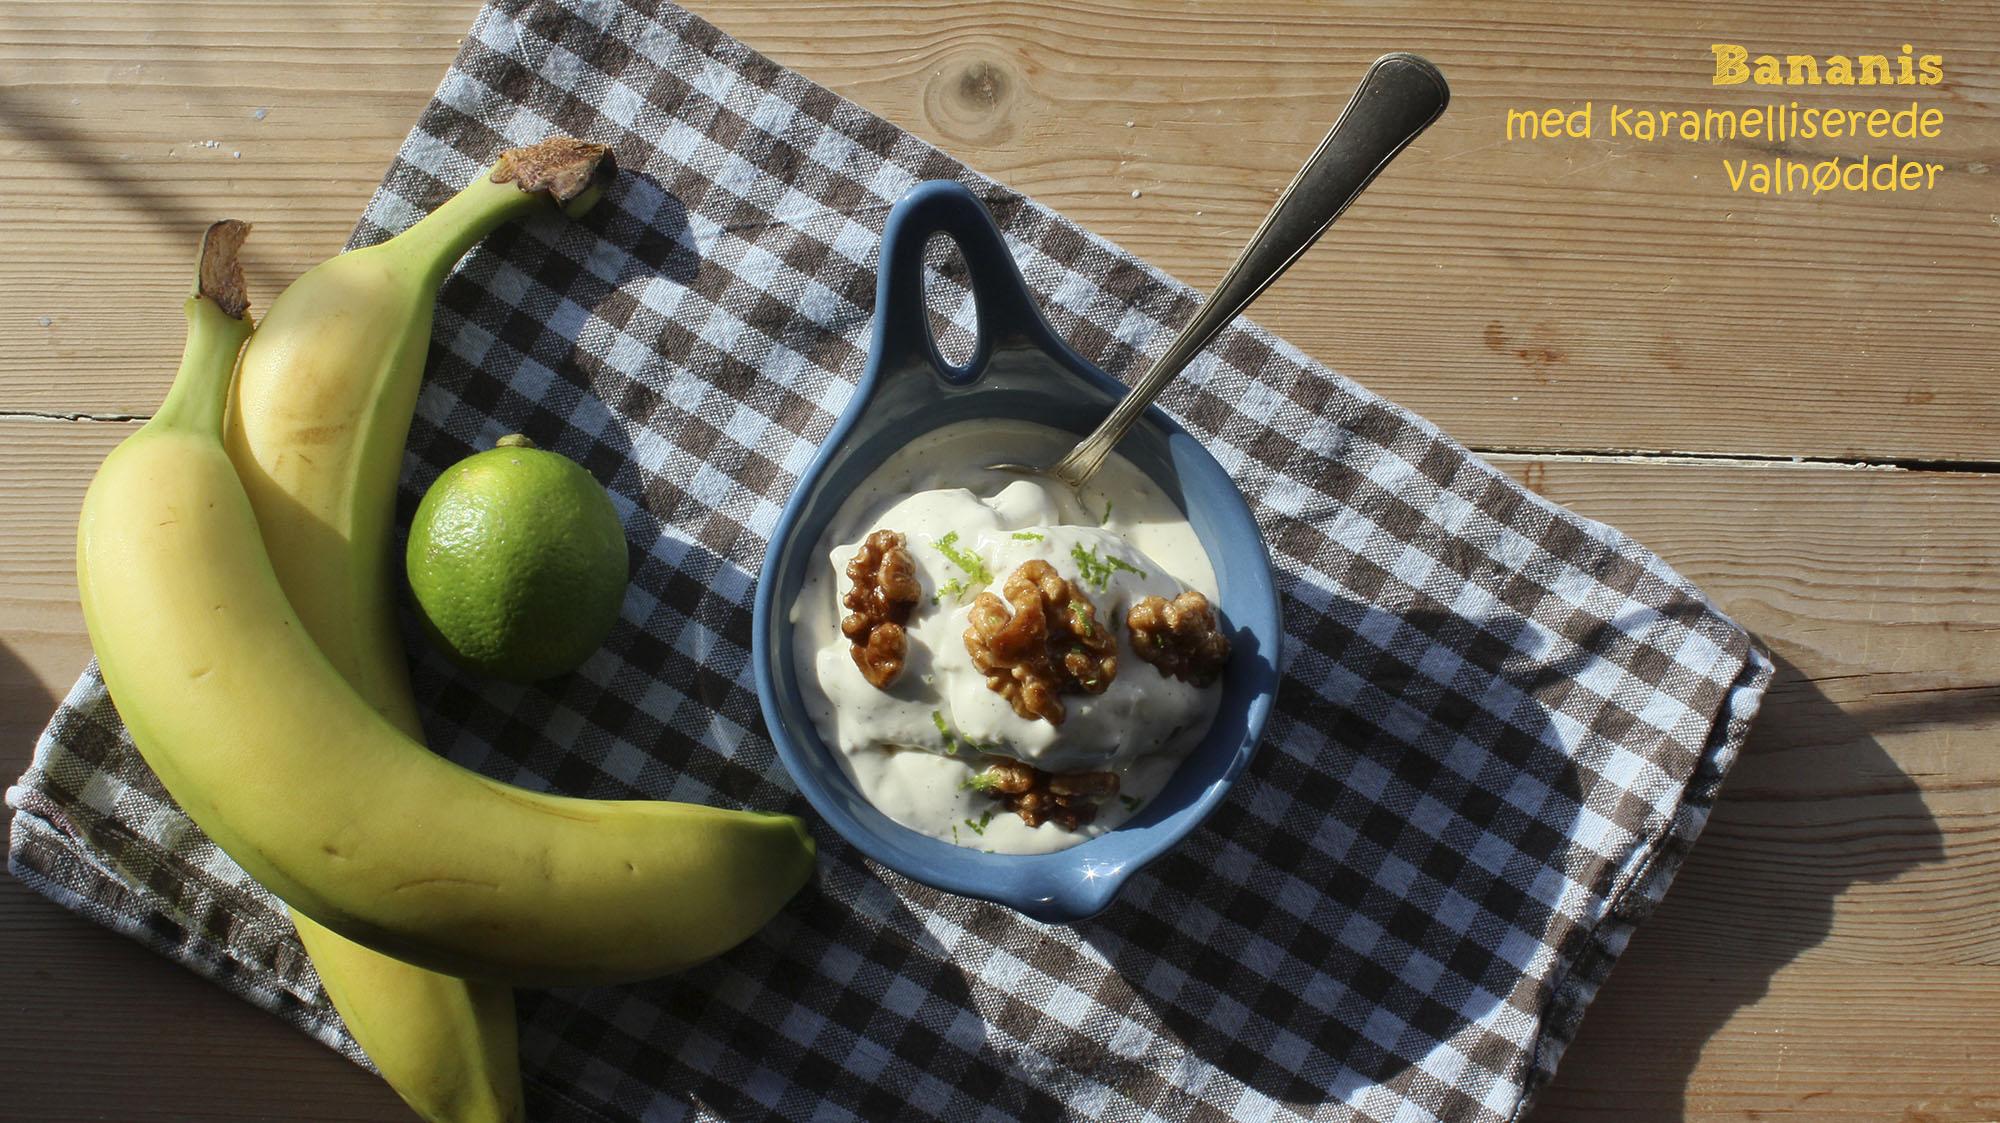 Bananis med karamelliserede valnødder